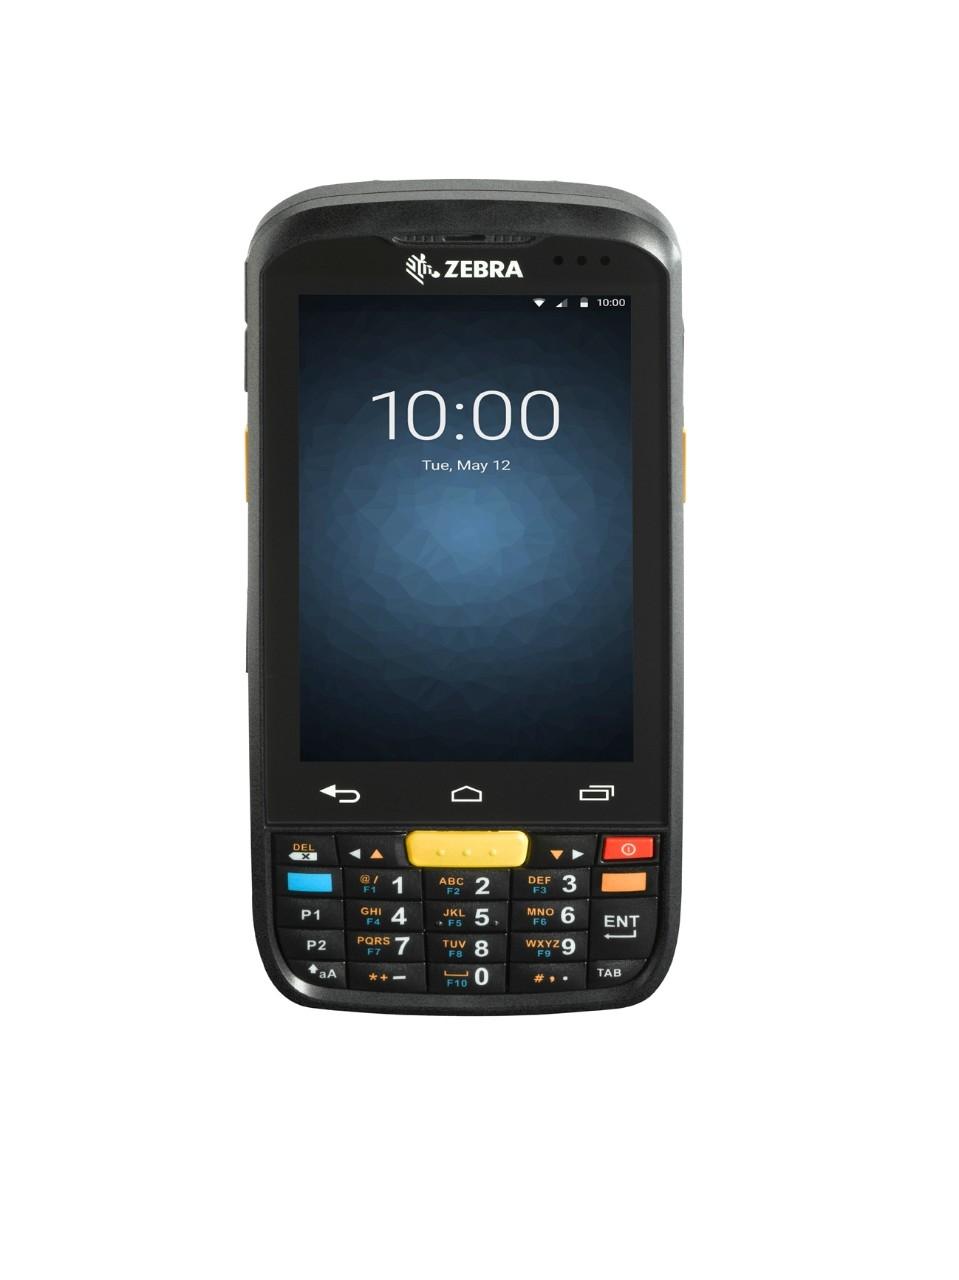 斑马ZEBRA MC36 无线盘点机 手持终端